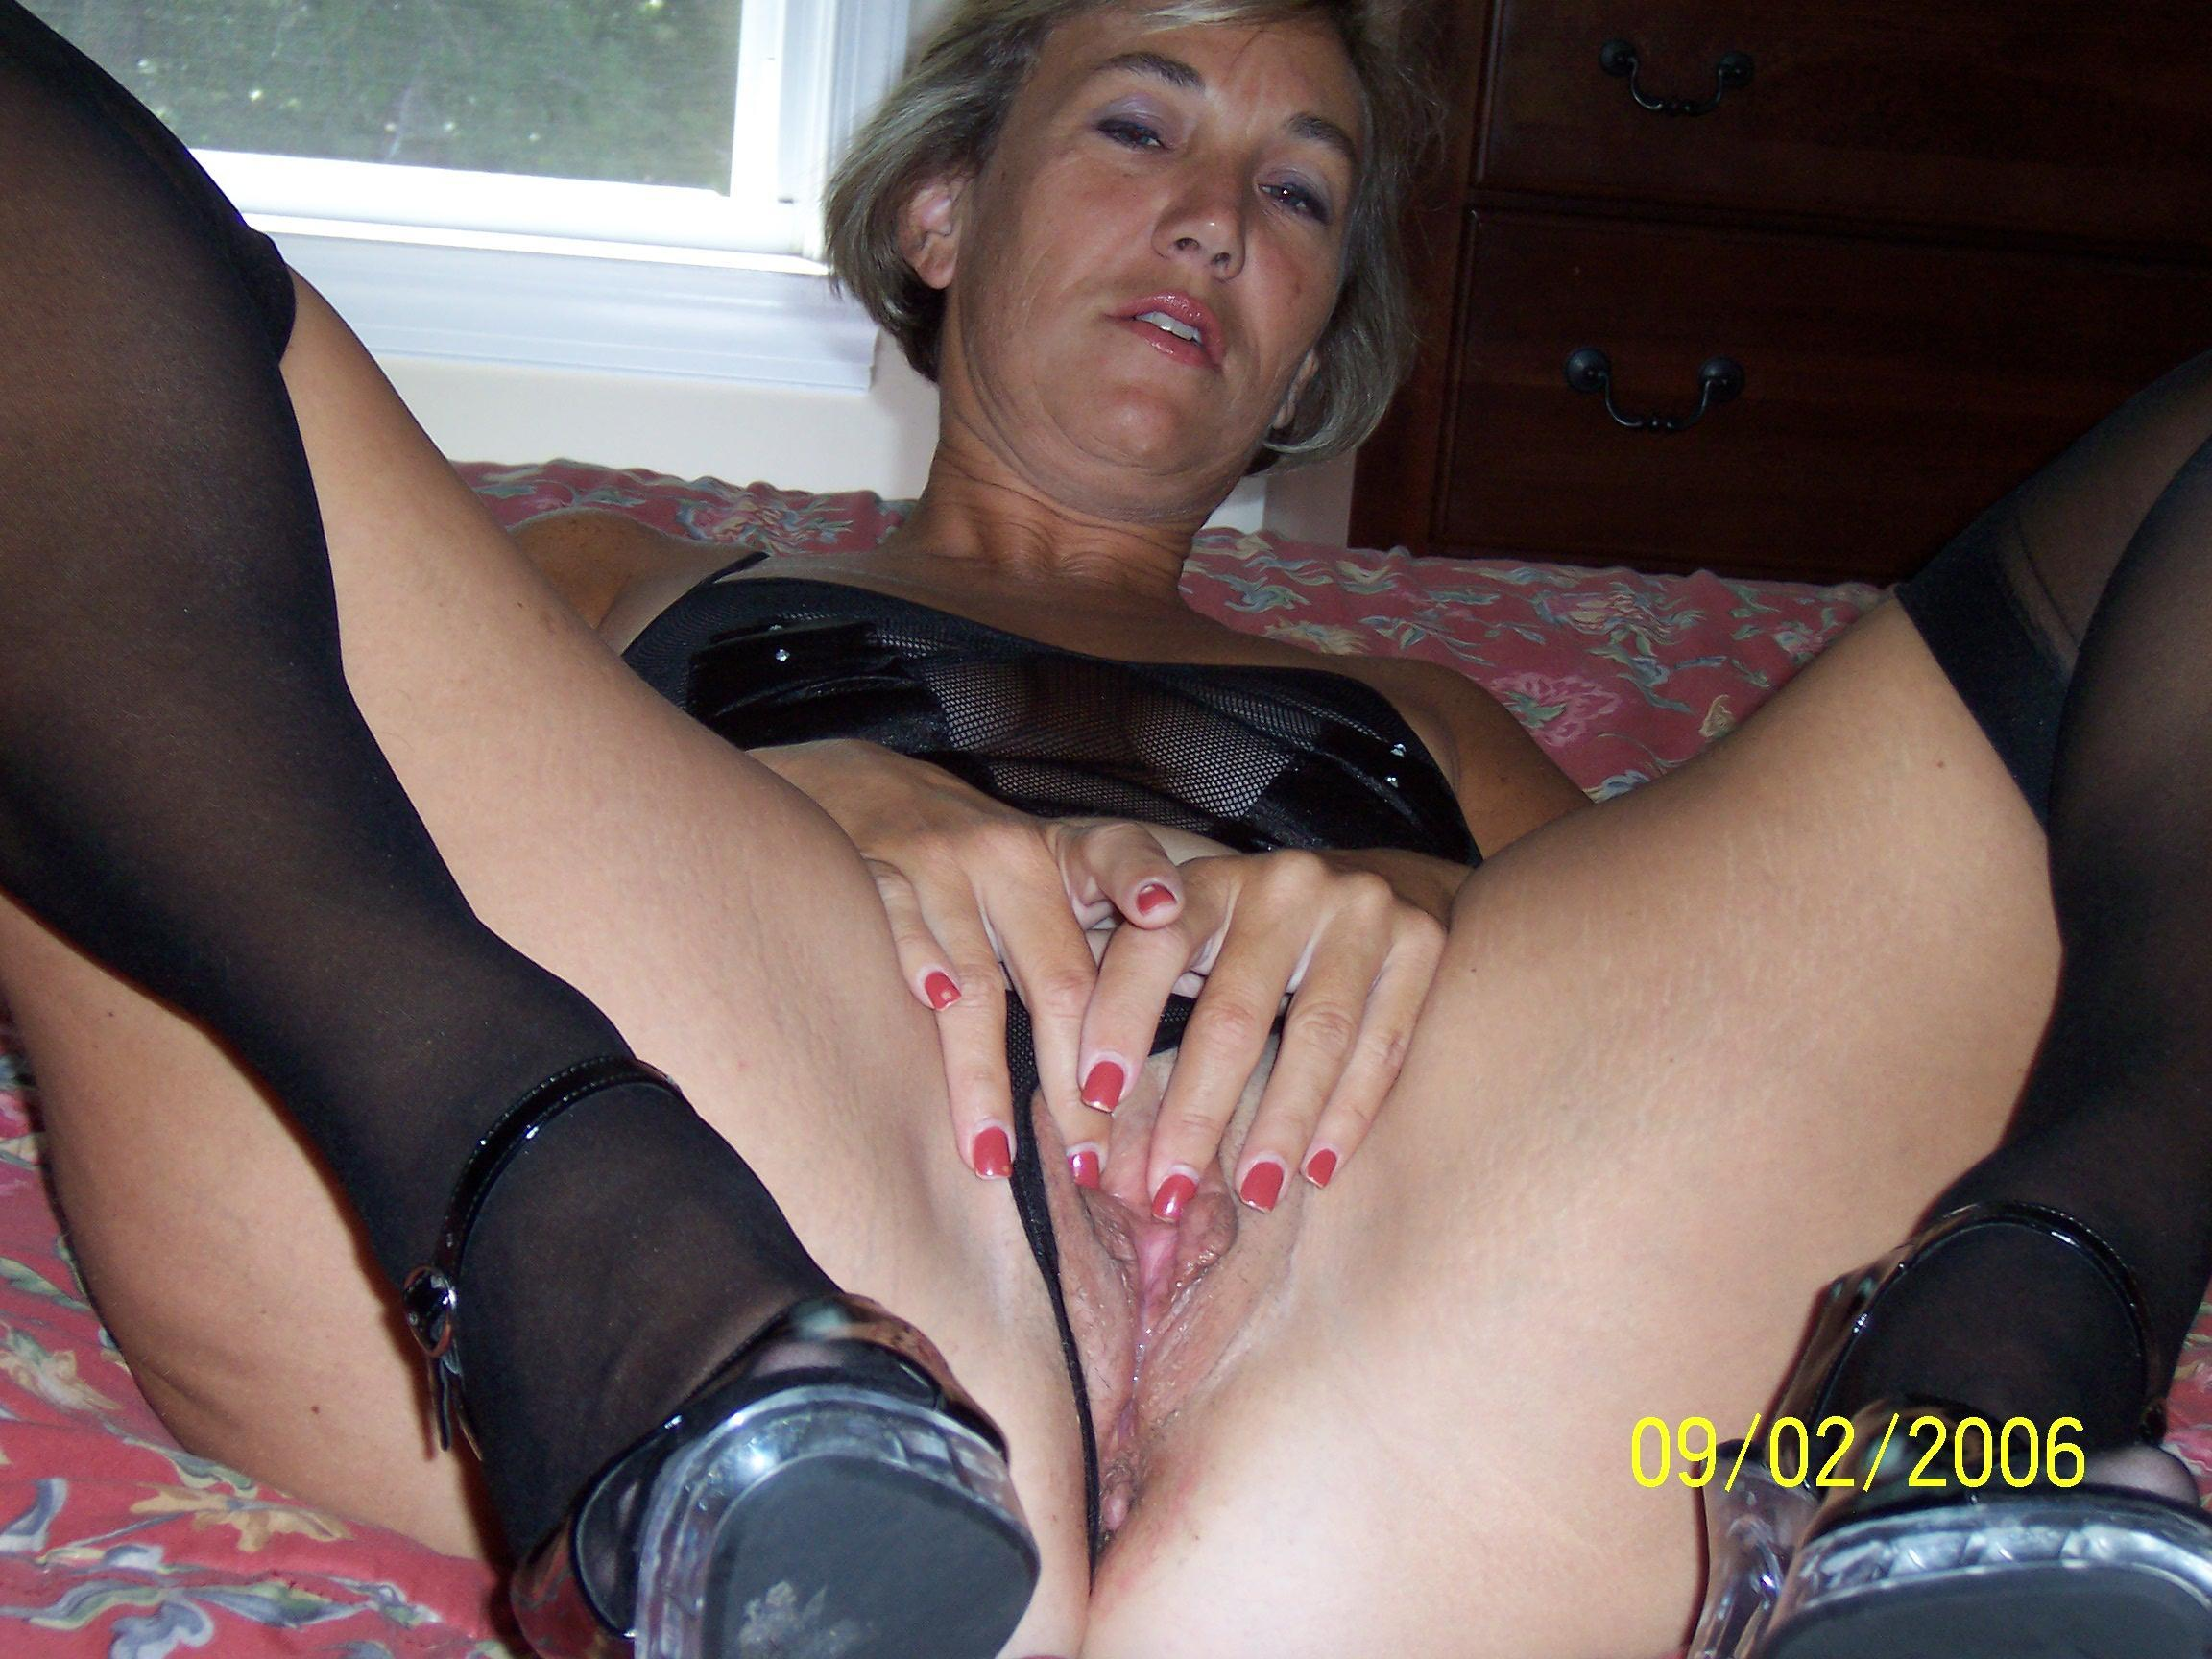 Real Homemade Solo Women Sex Photos at HomemadePornPass.com - Promo ...